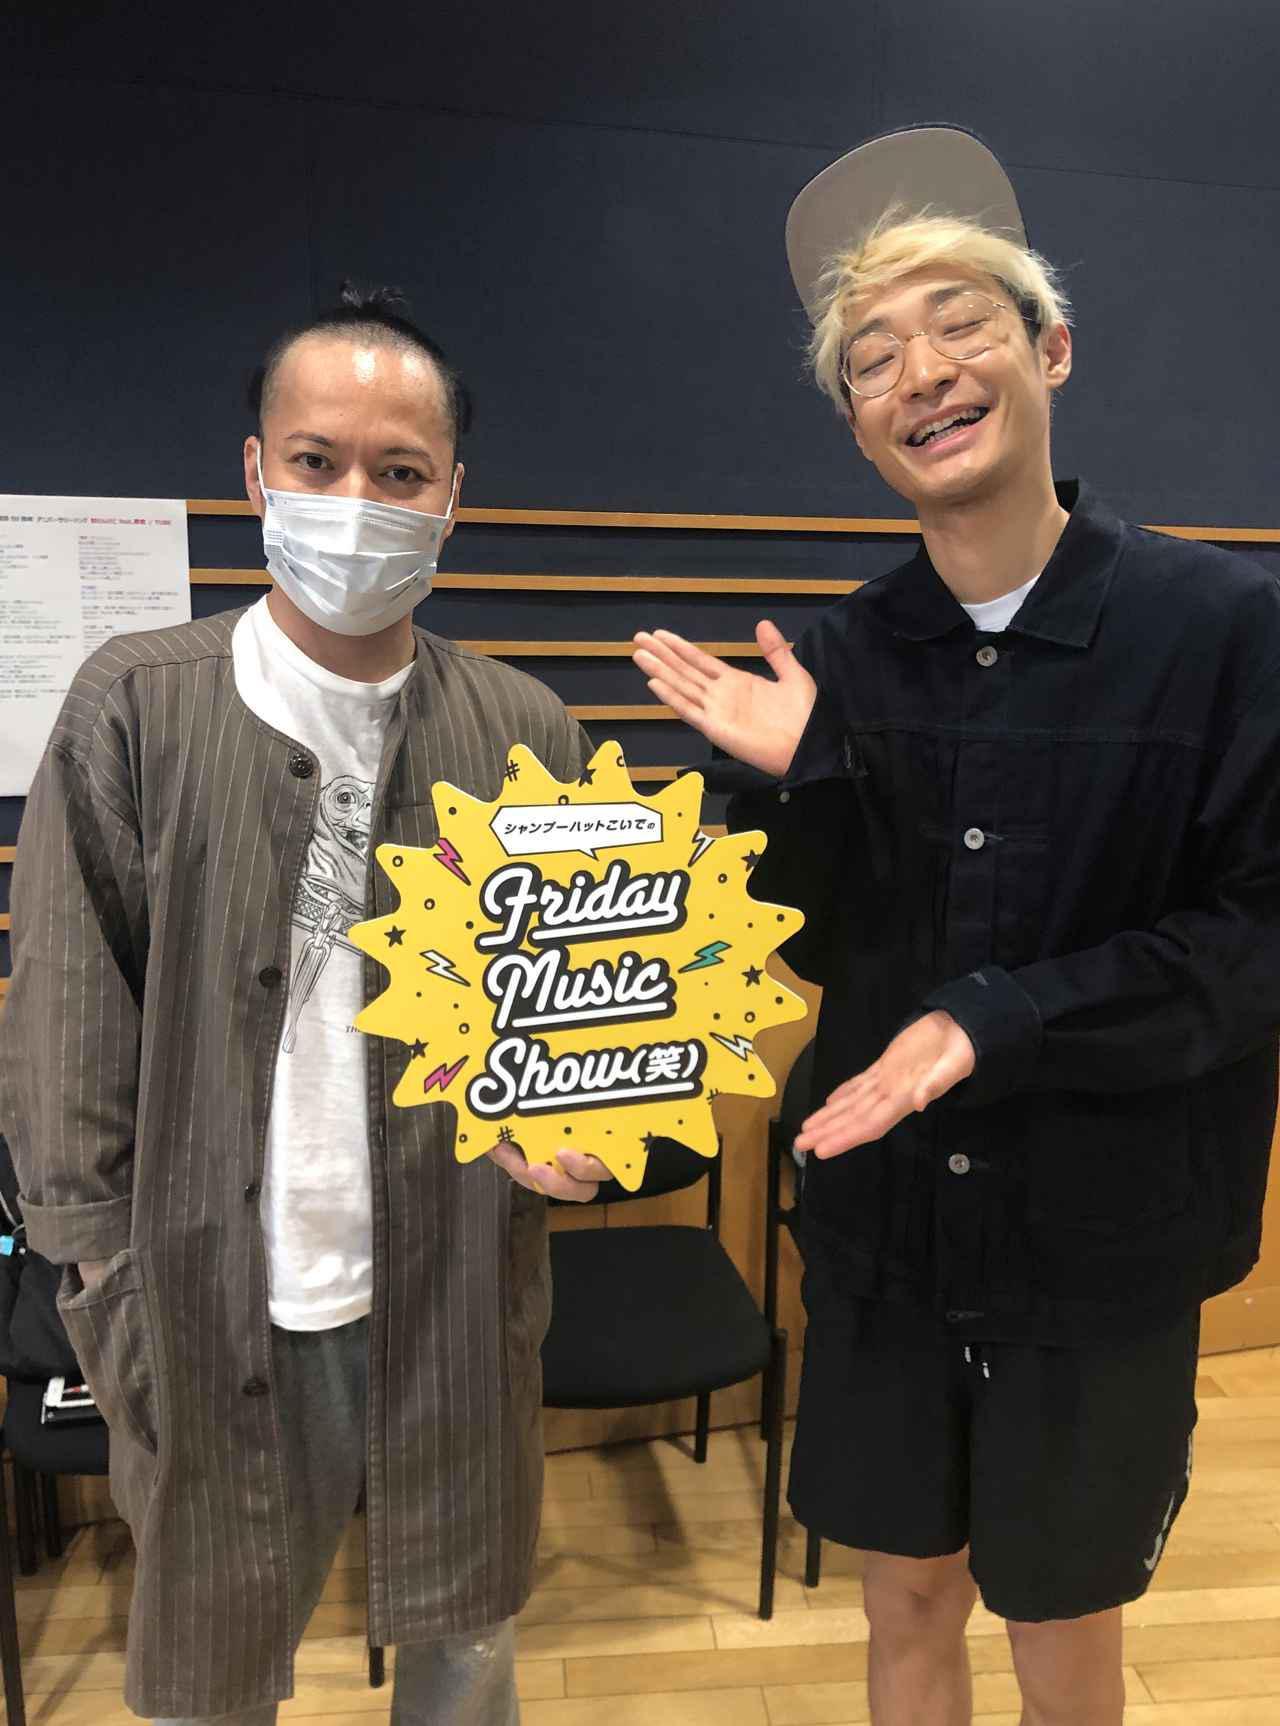 画像: 5月15日(金) シャンプーハットこいでのFriday Music Show(笑)